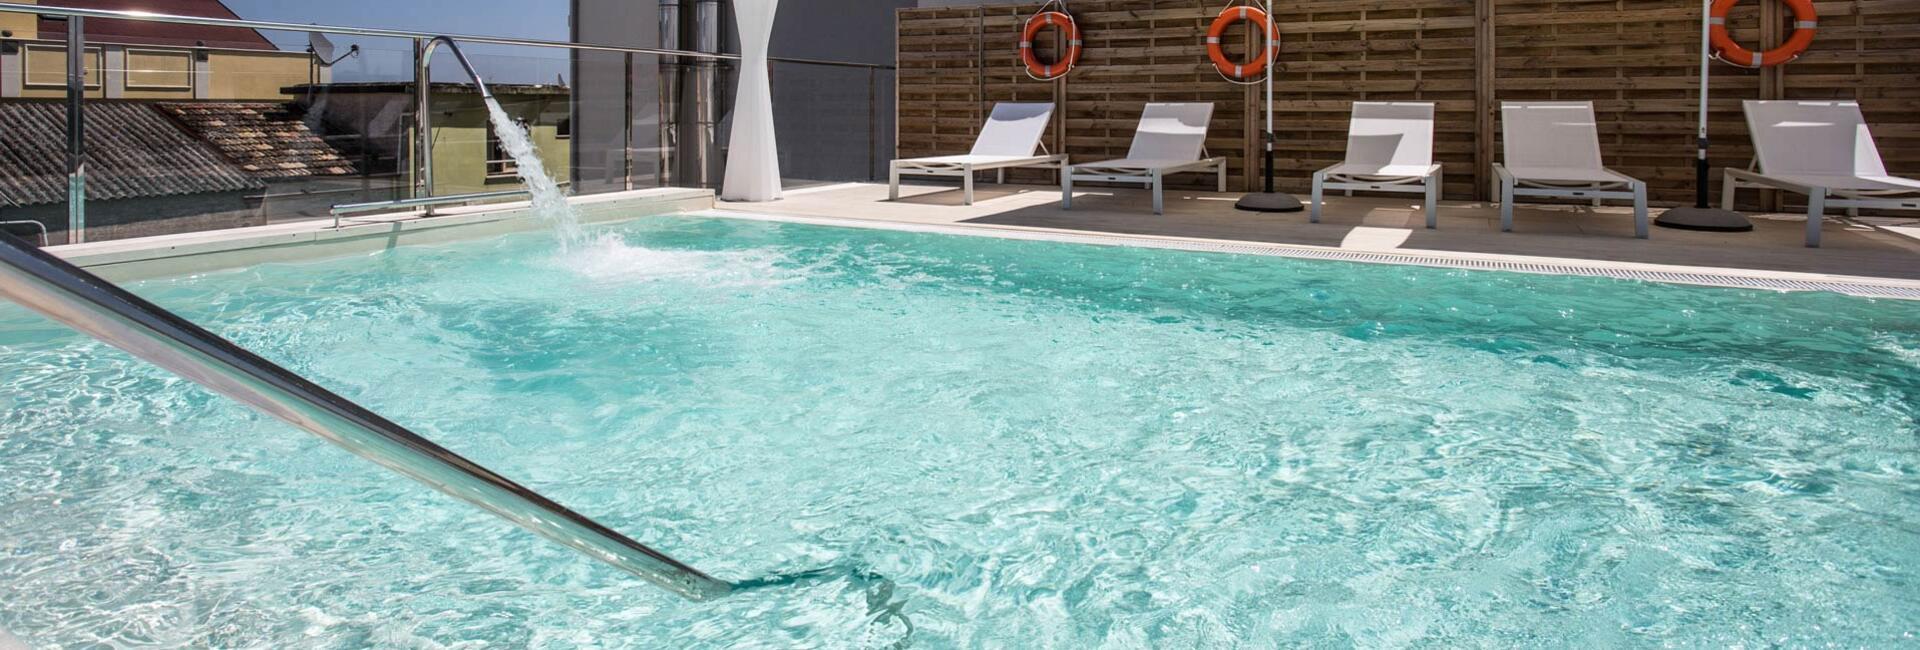 hotelgalamisano it 1-it-309778-settimane-romantiche-per-le-coppie 002